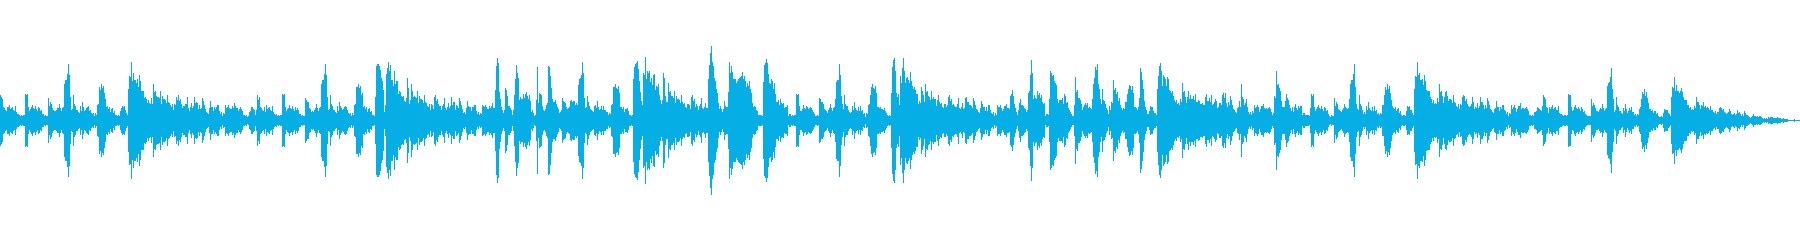 ジングル・トランペット主のJazz系の再生済みの波形